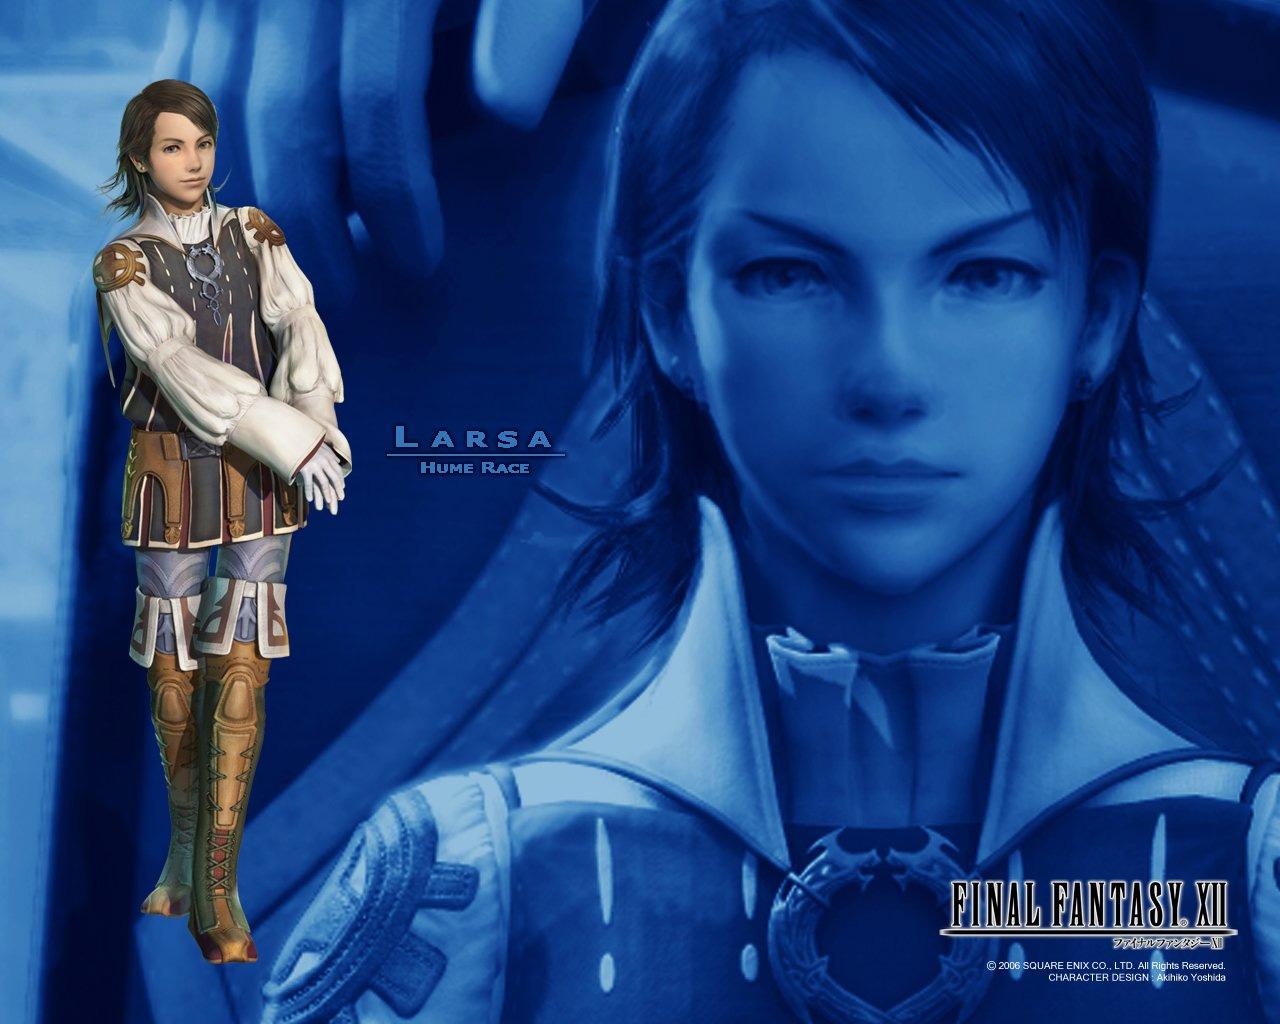 http://1.bp.blogspot.com/-rJNzyMug03Q/UODTlshOAKI/AAAAAAAA4BI/GDZckgGGSHQ/s1600/wallpaper-final-fantasy-xii-larsa001.jpg